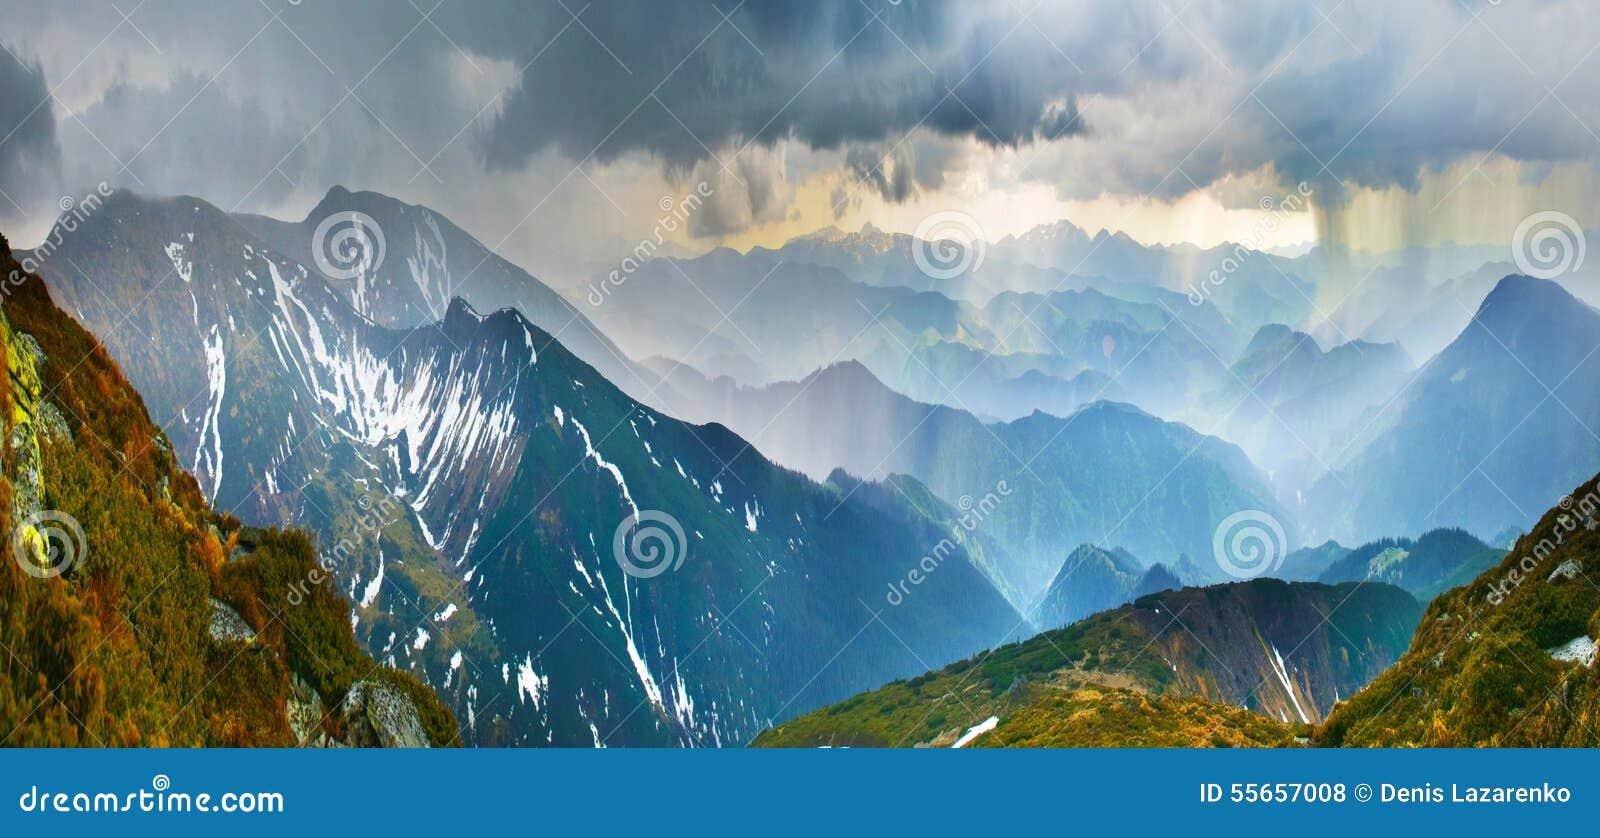 Stortbui in bergen